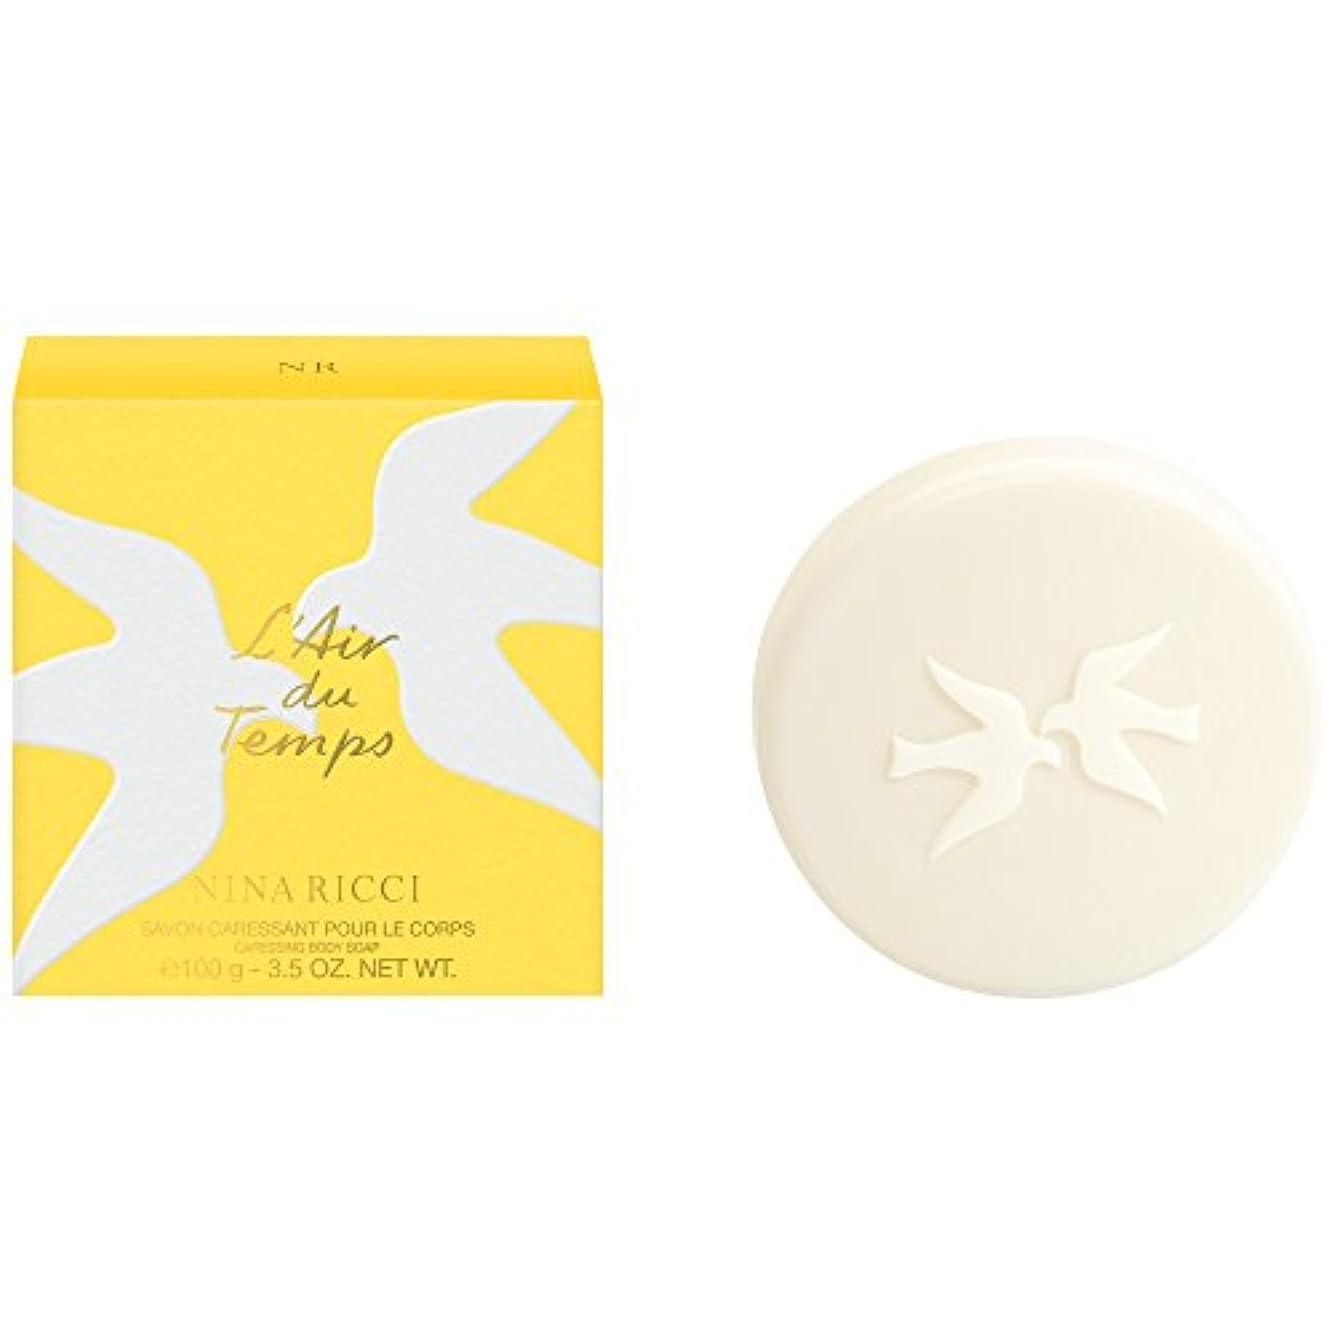 いっぱい無限大アルネニナリッチL'空気デュは石鹸の100グラムをタン (Nina Ricci) (x6) - Nina Ricci L'Air du Temps Soap 100g (Pack of 6) [並行輸入品]